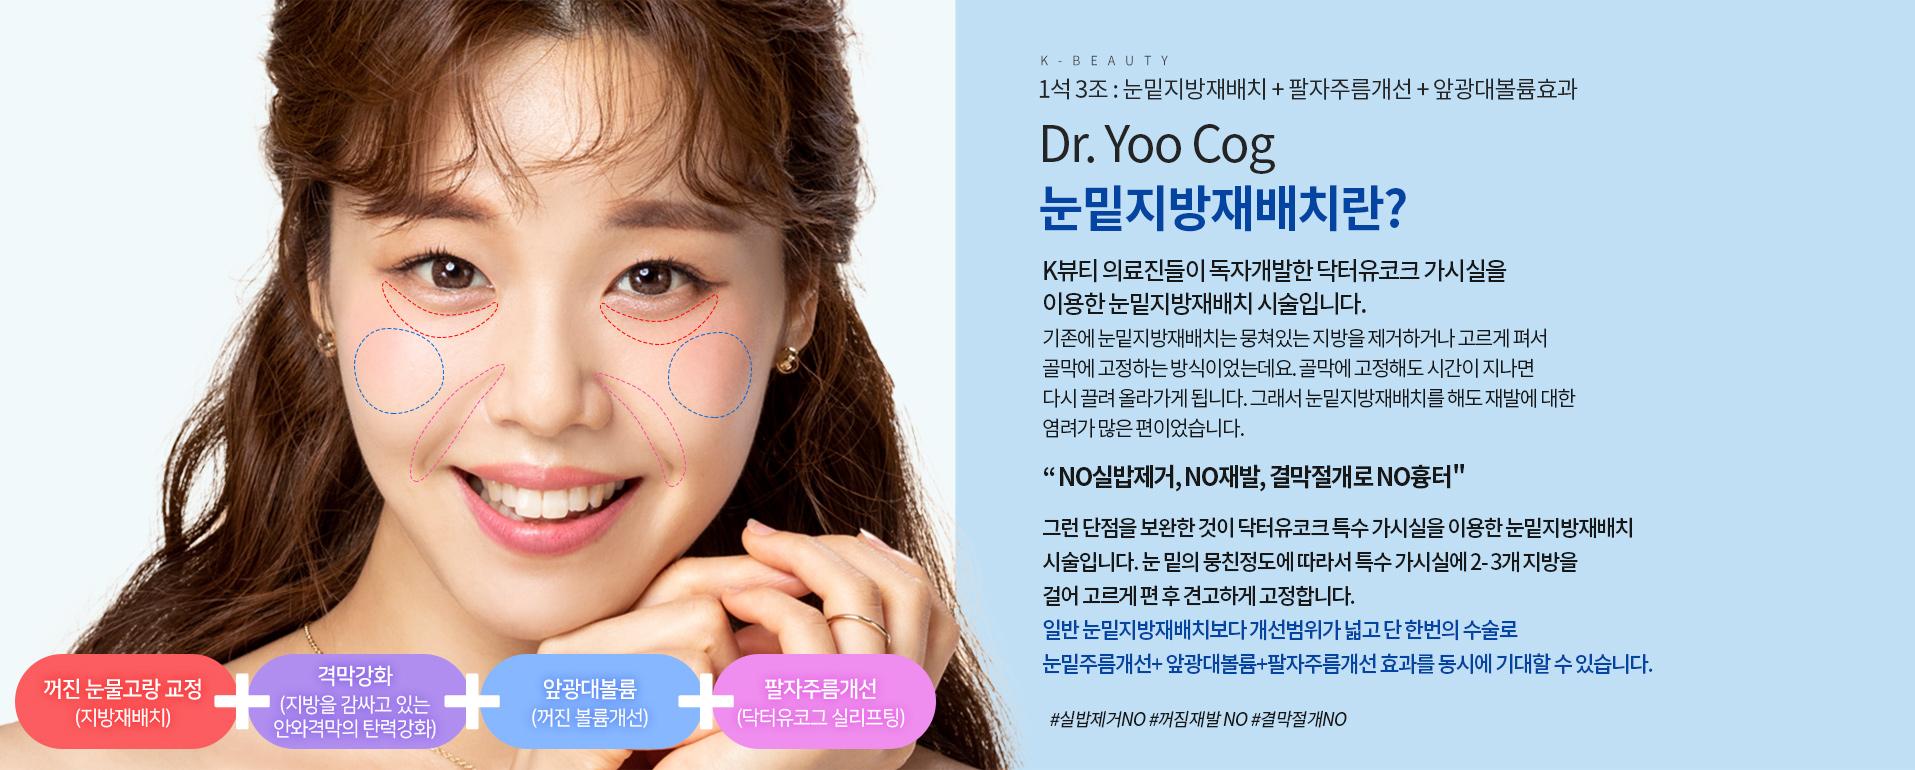 Dr.Yoo Cog 눈밑지방재배치란?